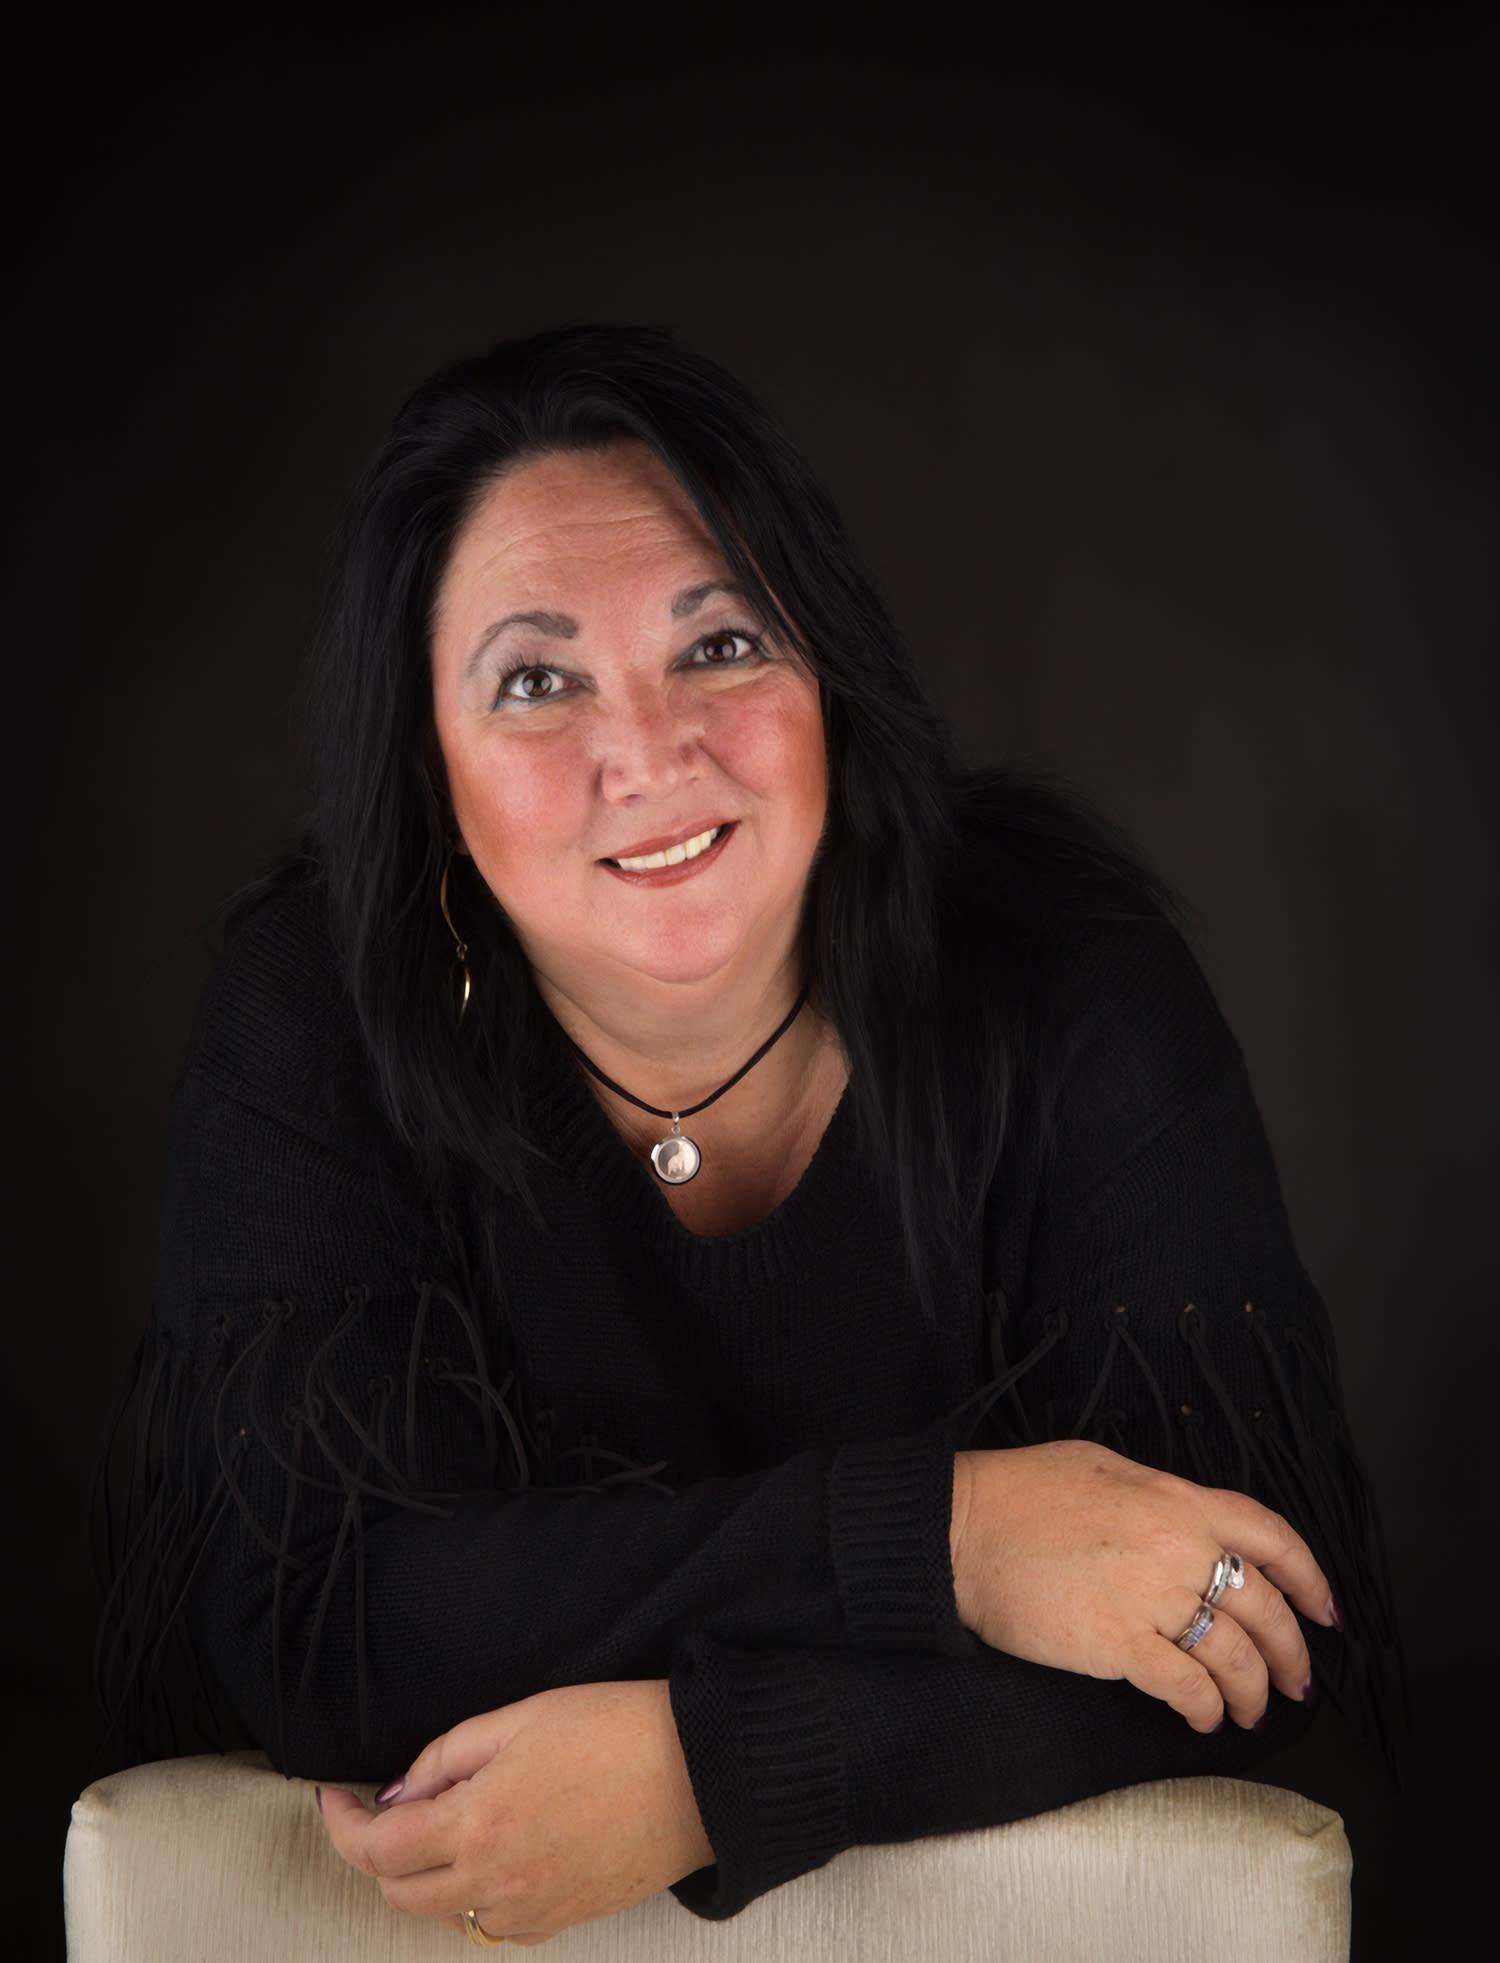 Debbie Smith, CEO